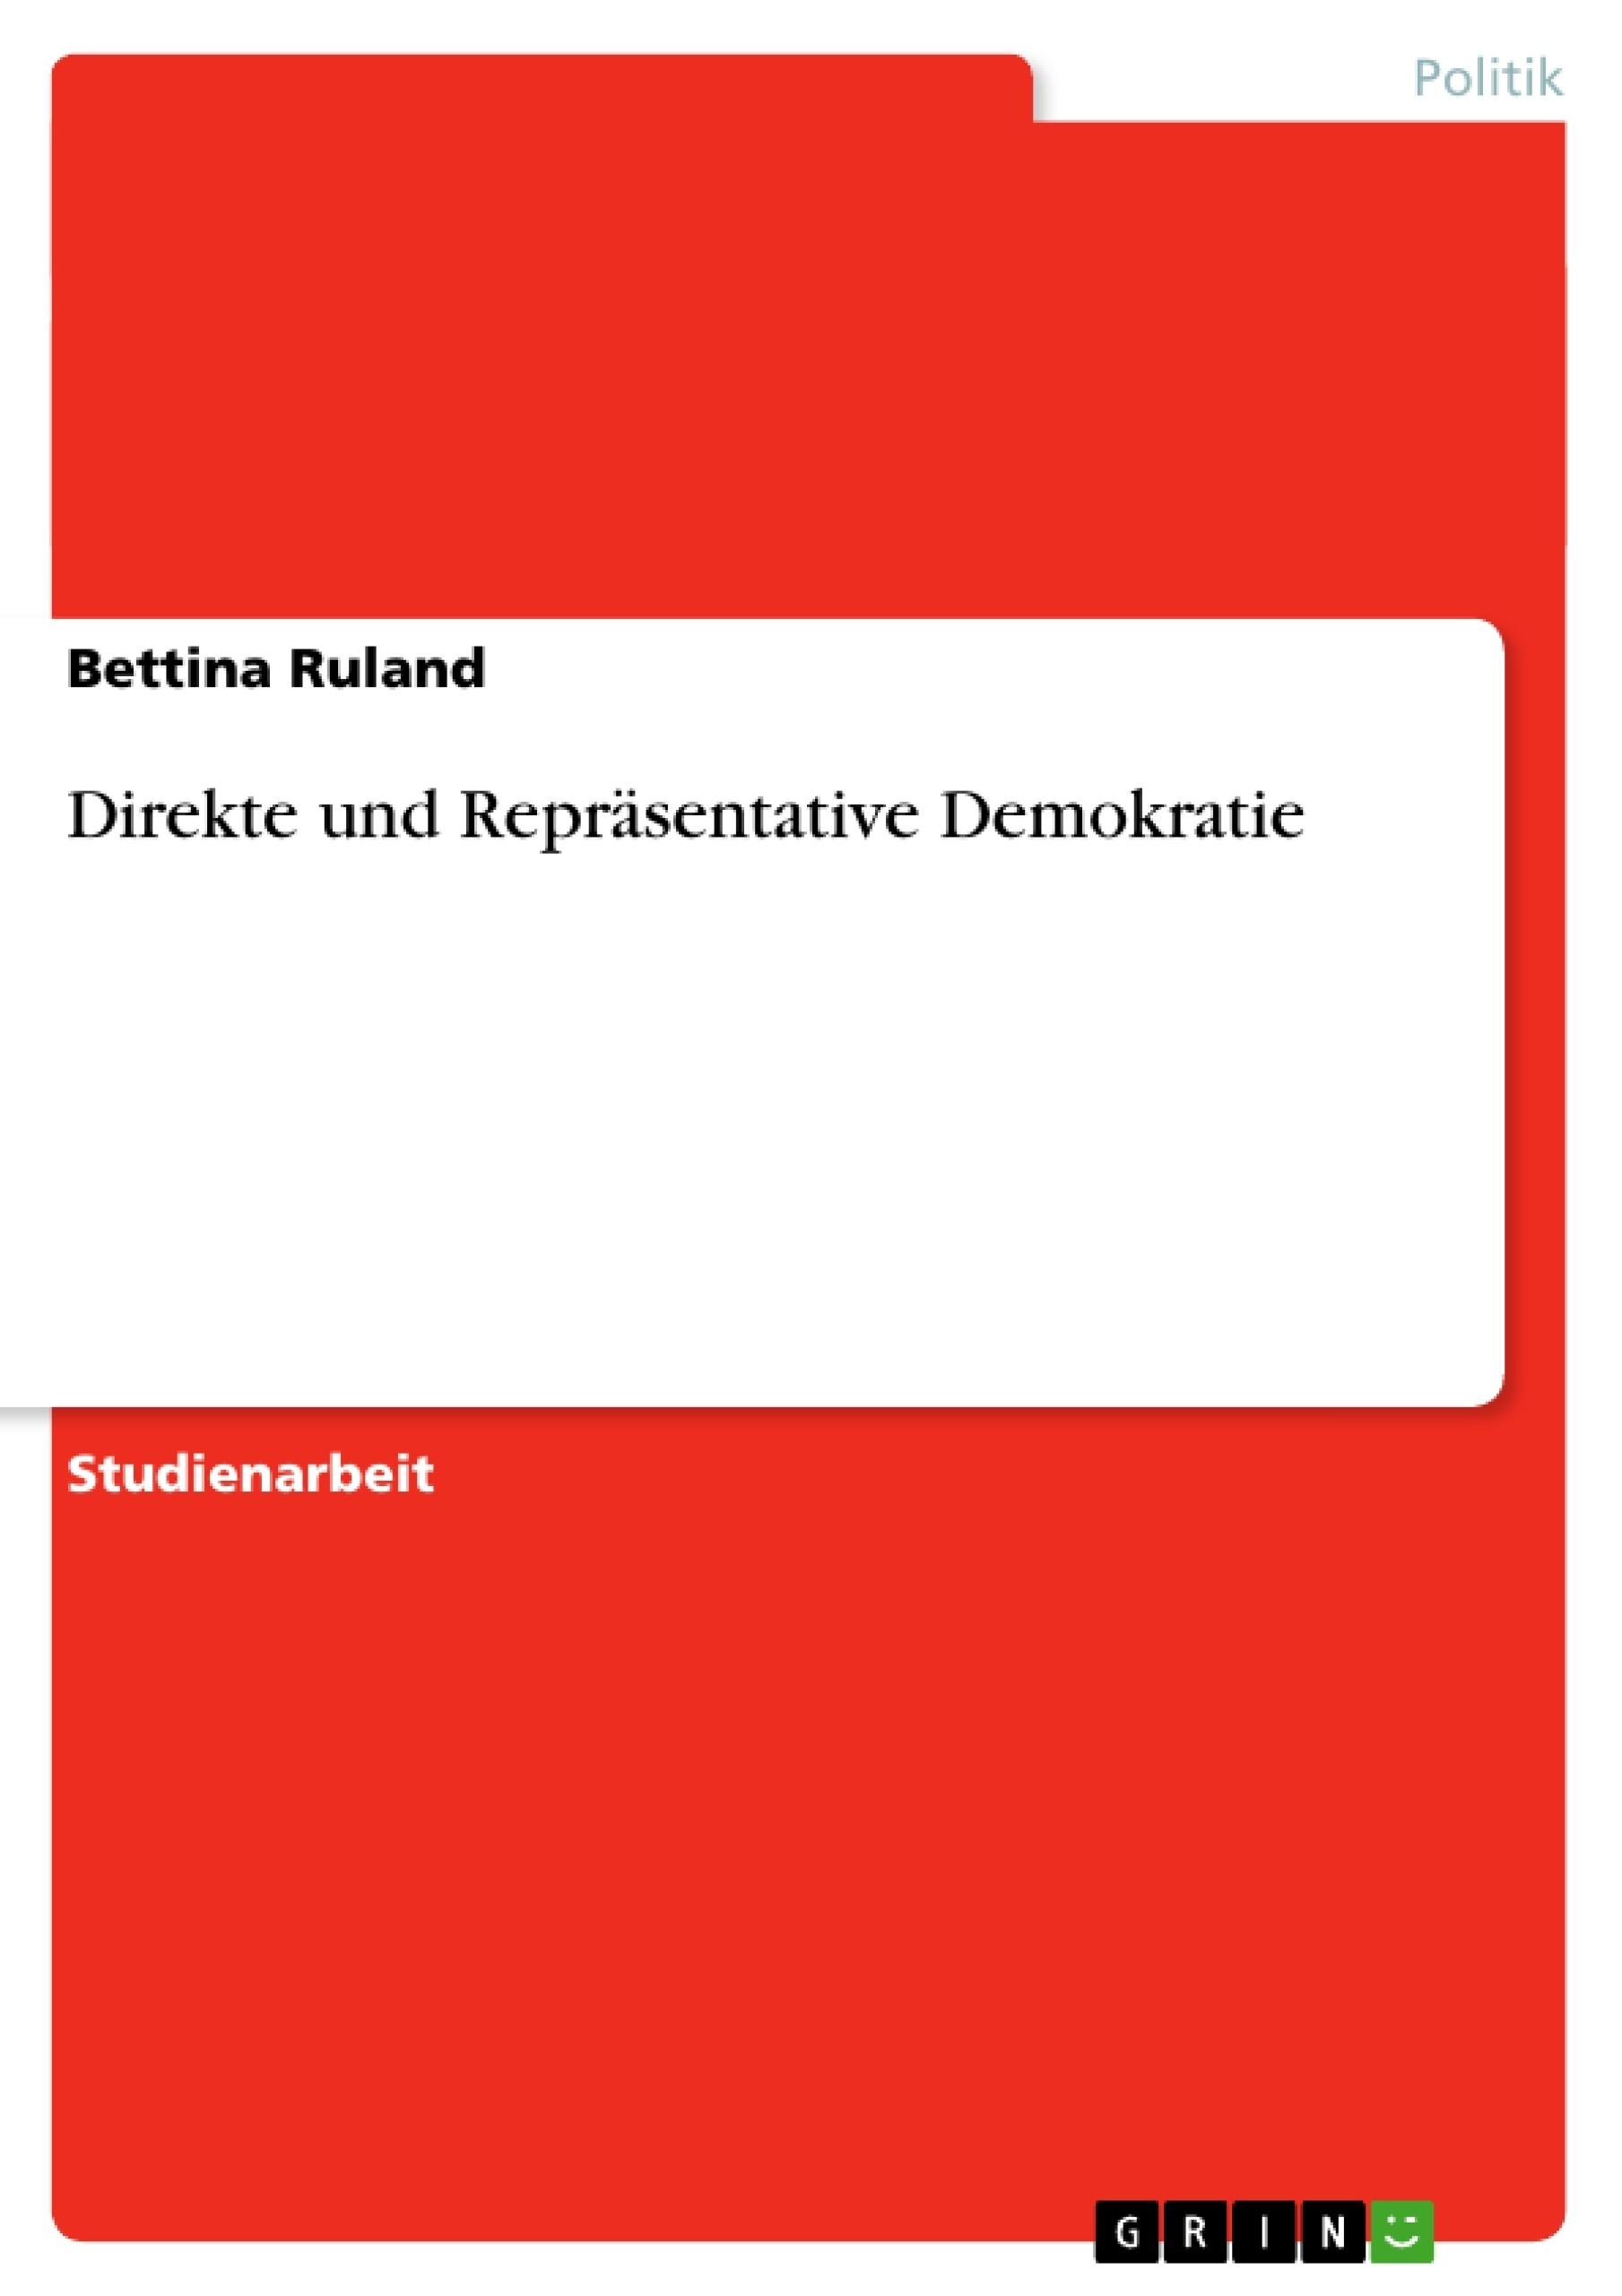 Titel: Direkte und Repräsentative Demokratie